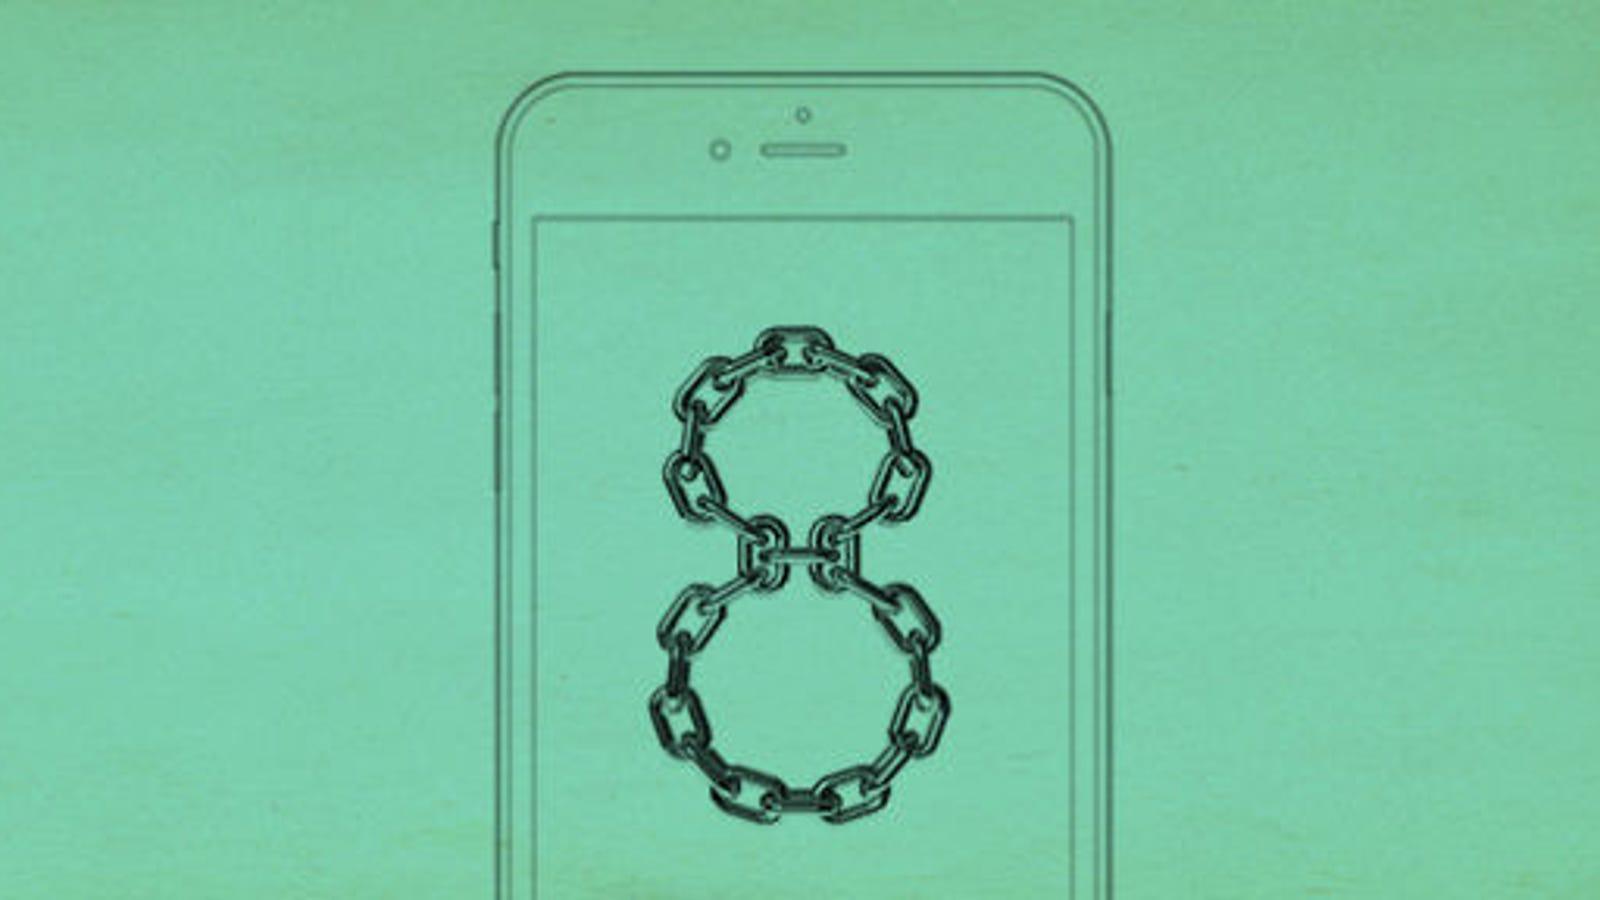 Un fallo en la app de email de iOS permite robar contraseñas de iCloud